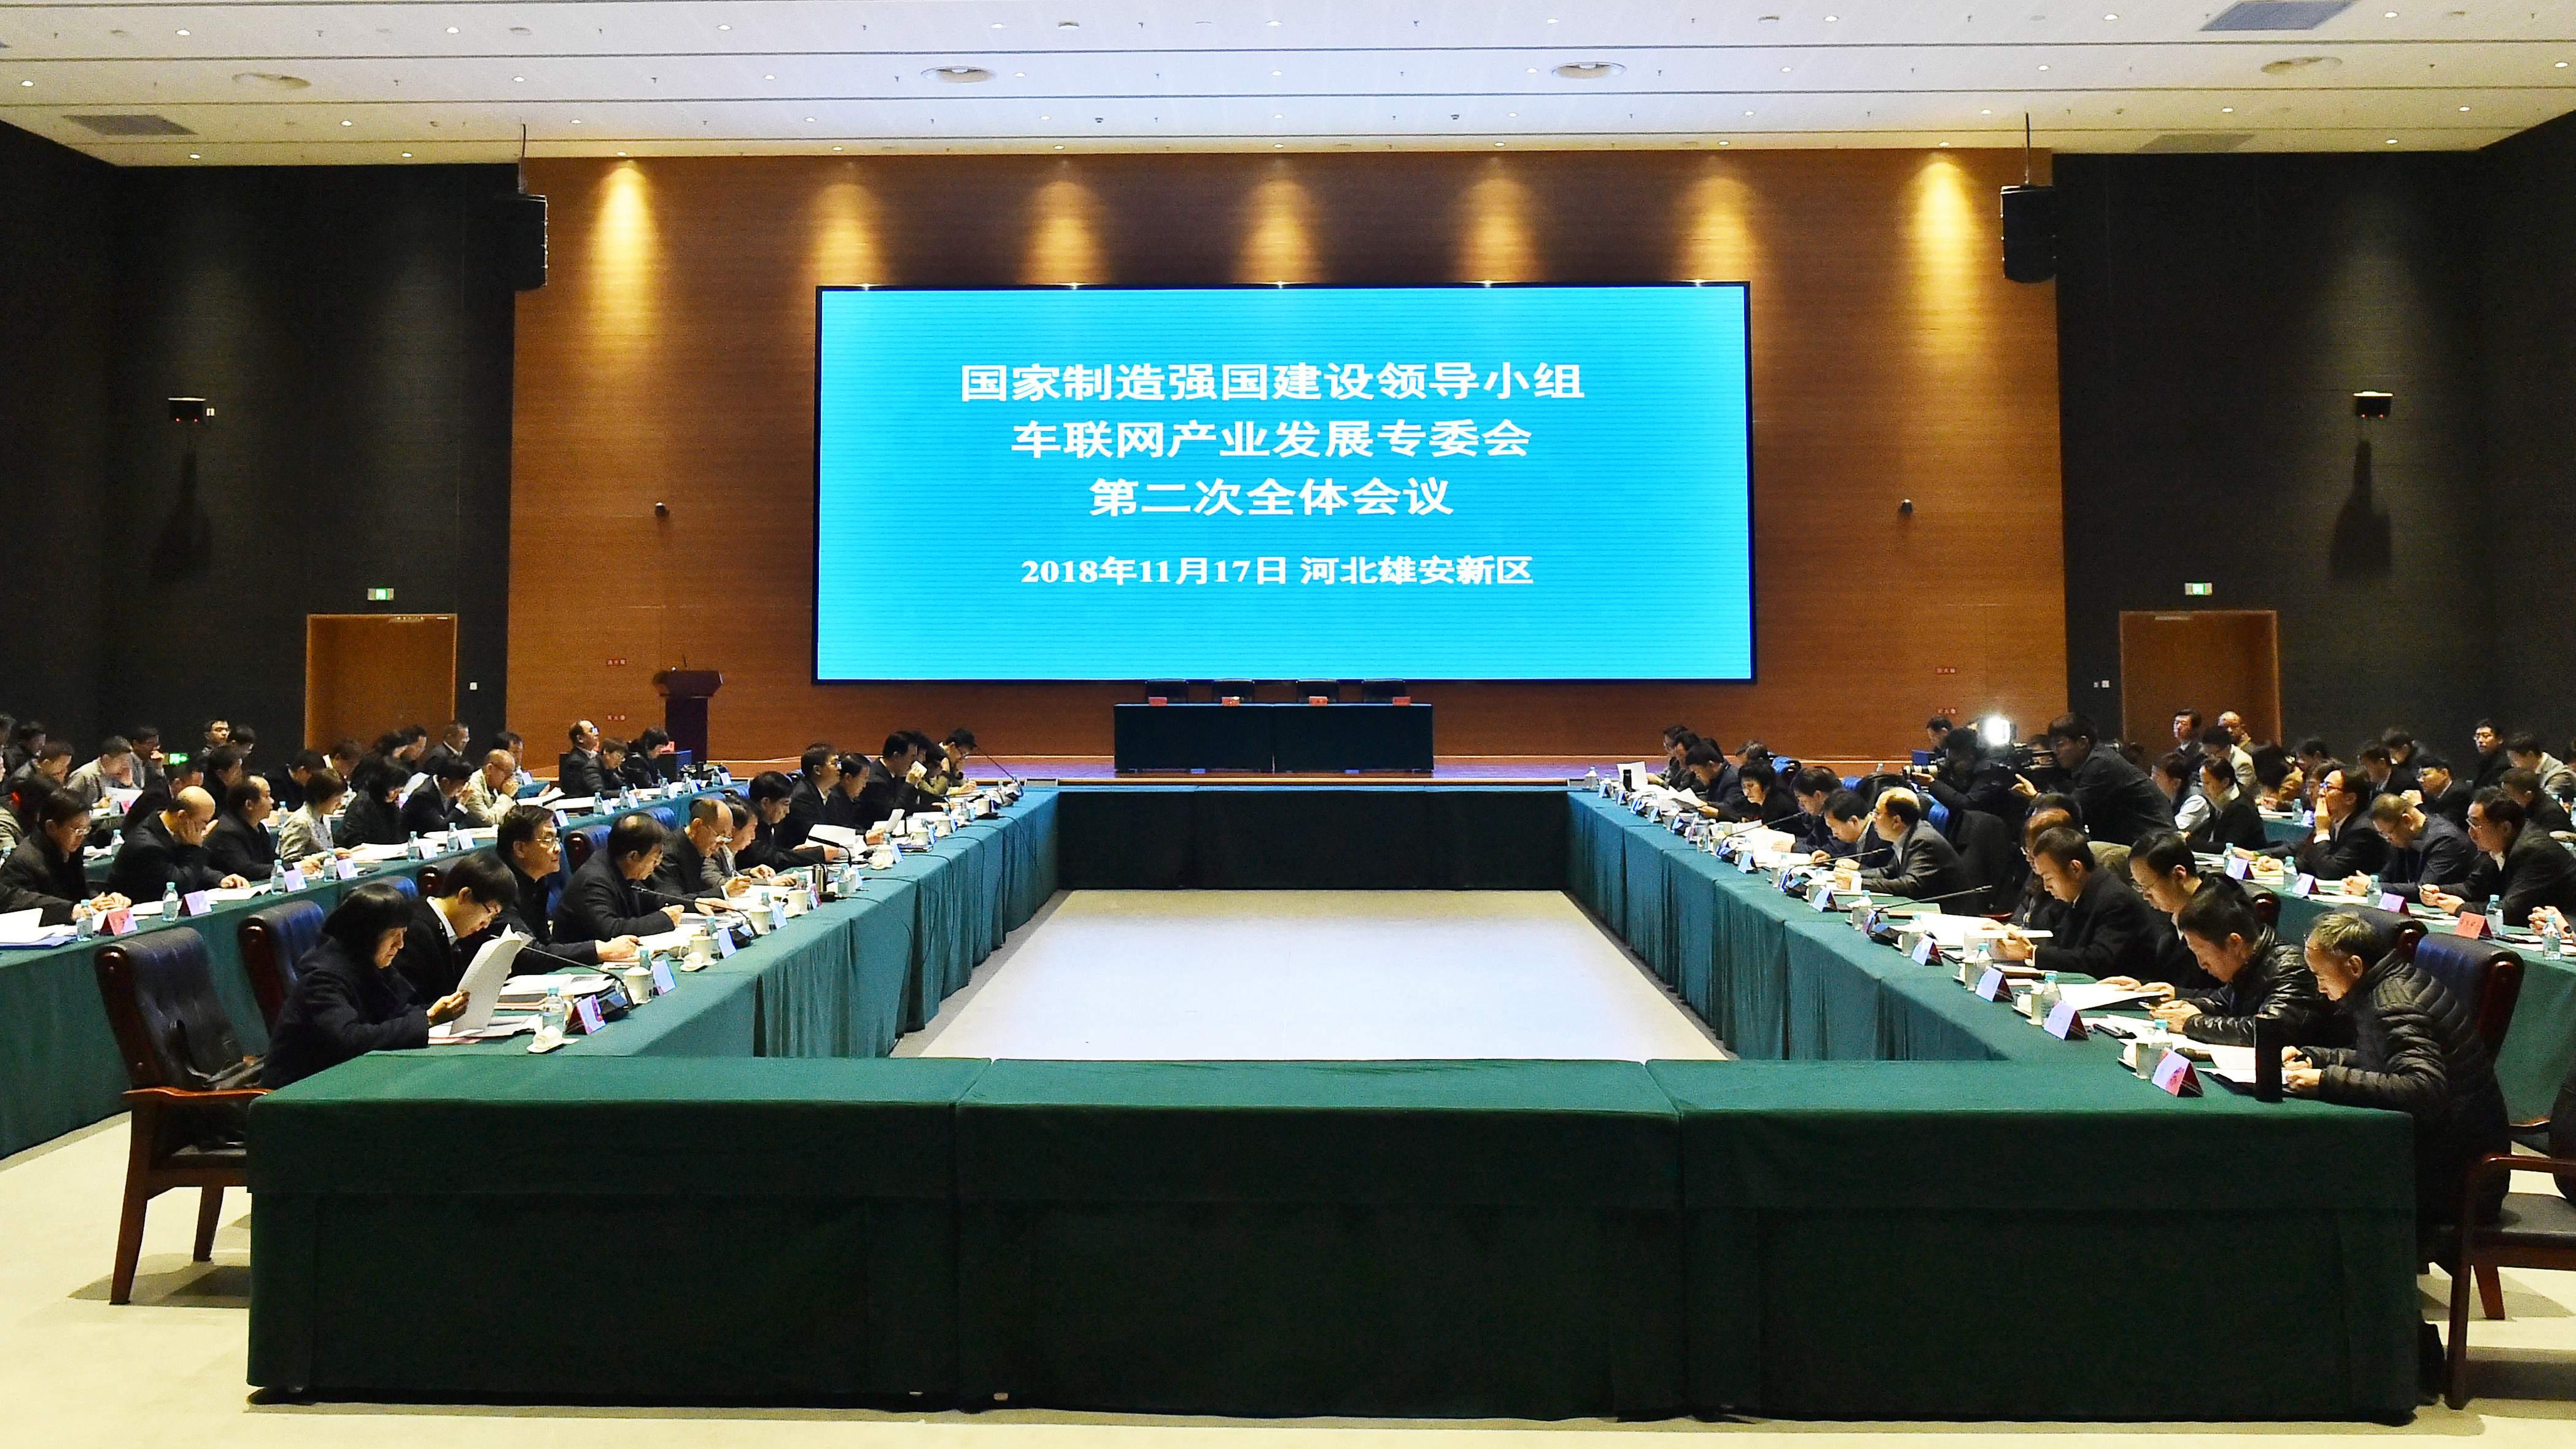 国家制造强国建设领导小组车联网产业发展专委会第二次全体会议在雄安新区召开